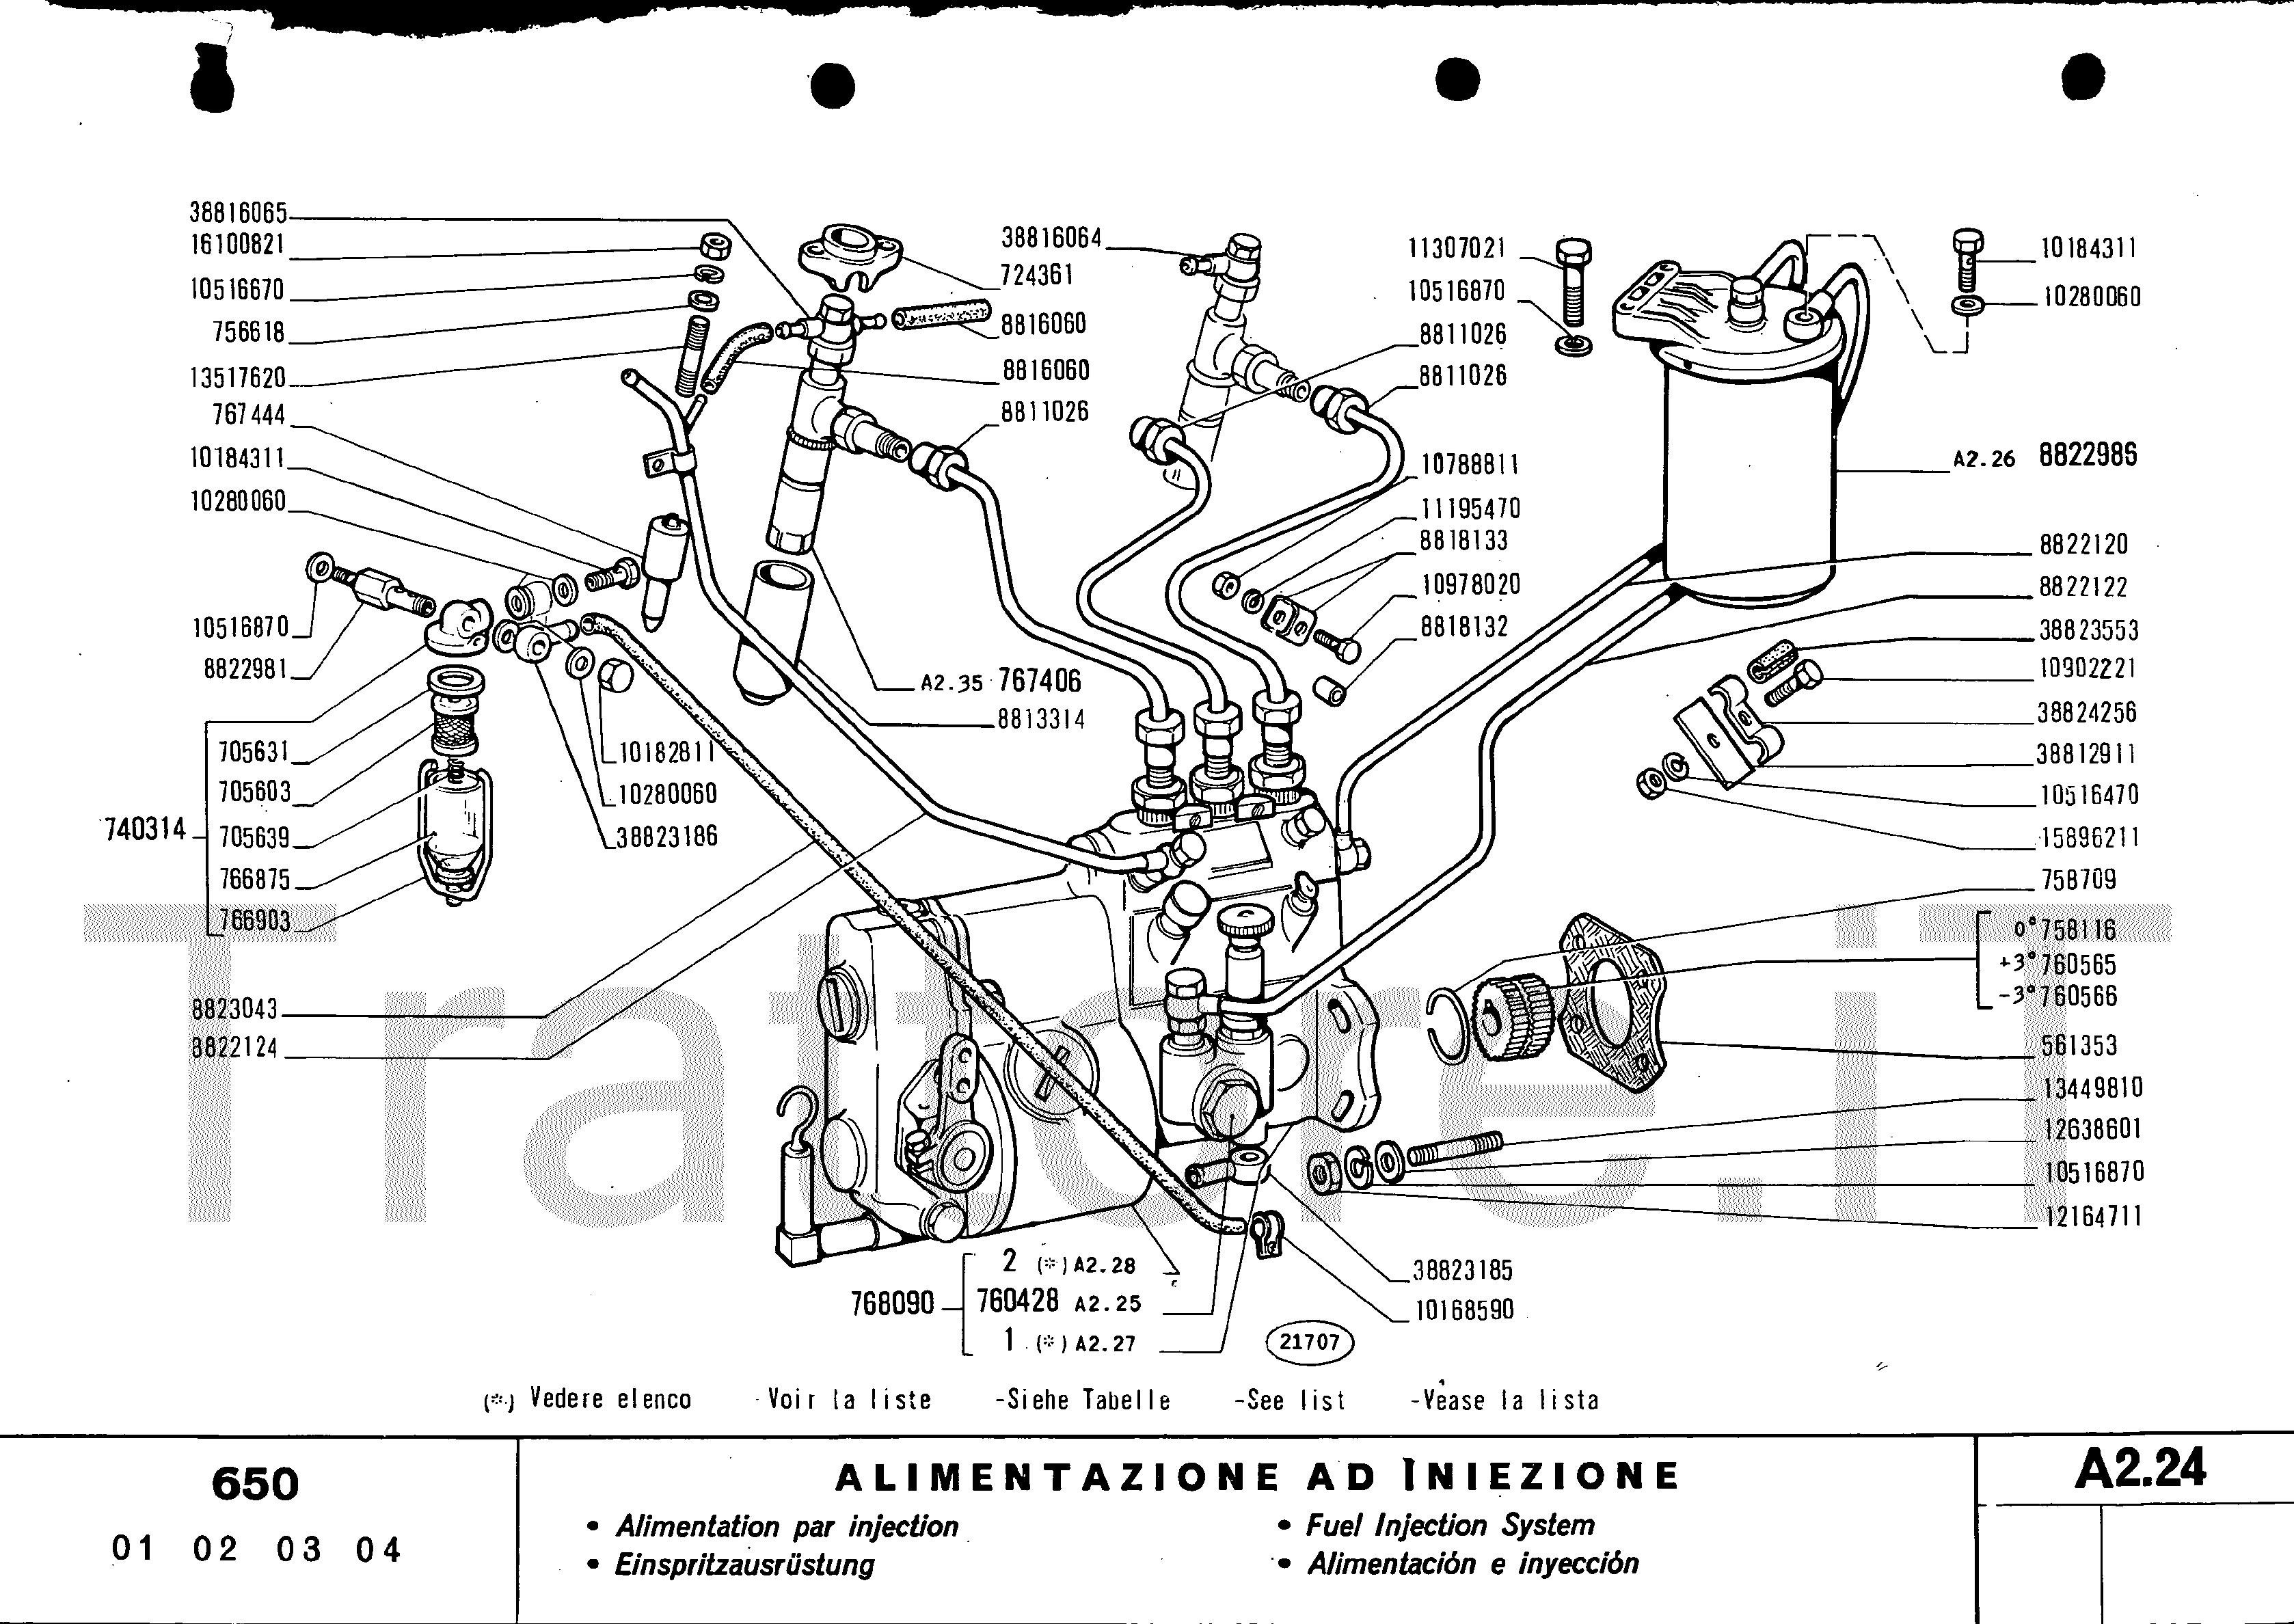 Schema Elettrico Per Trattore : Schema elettrico trattore same lml star